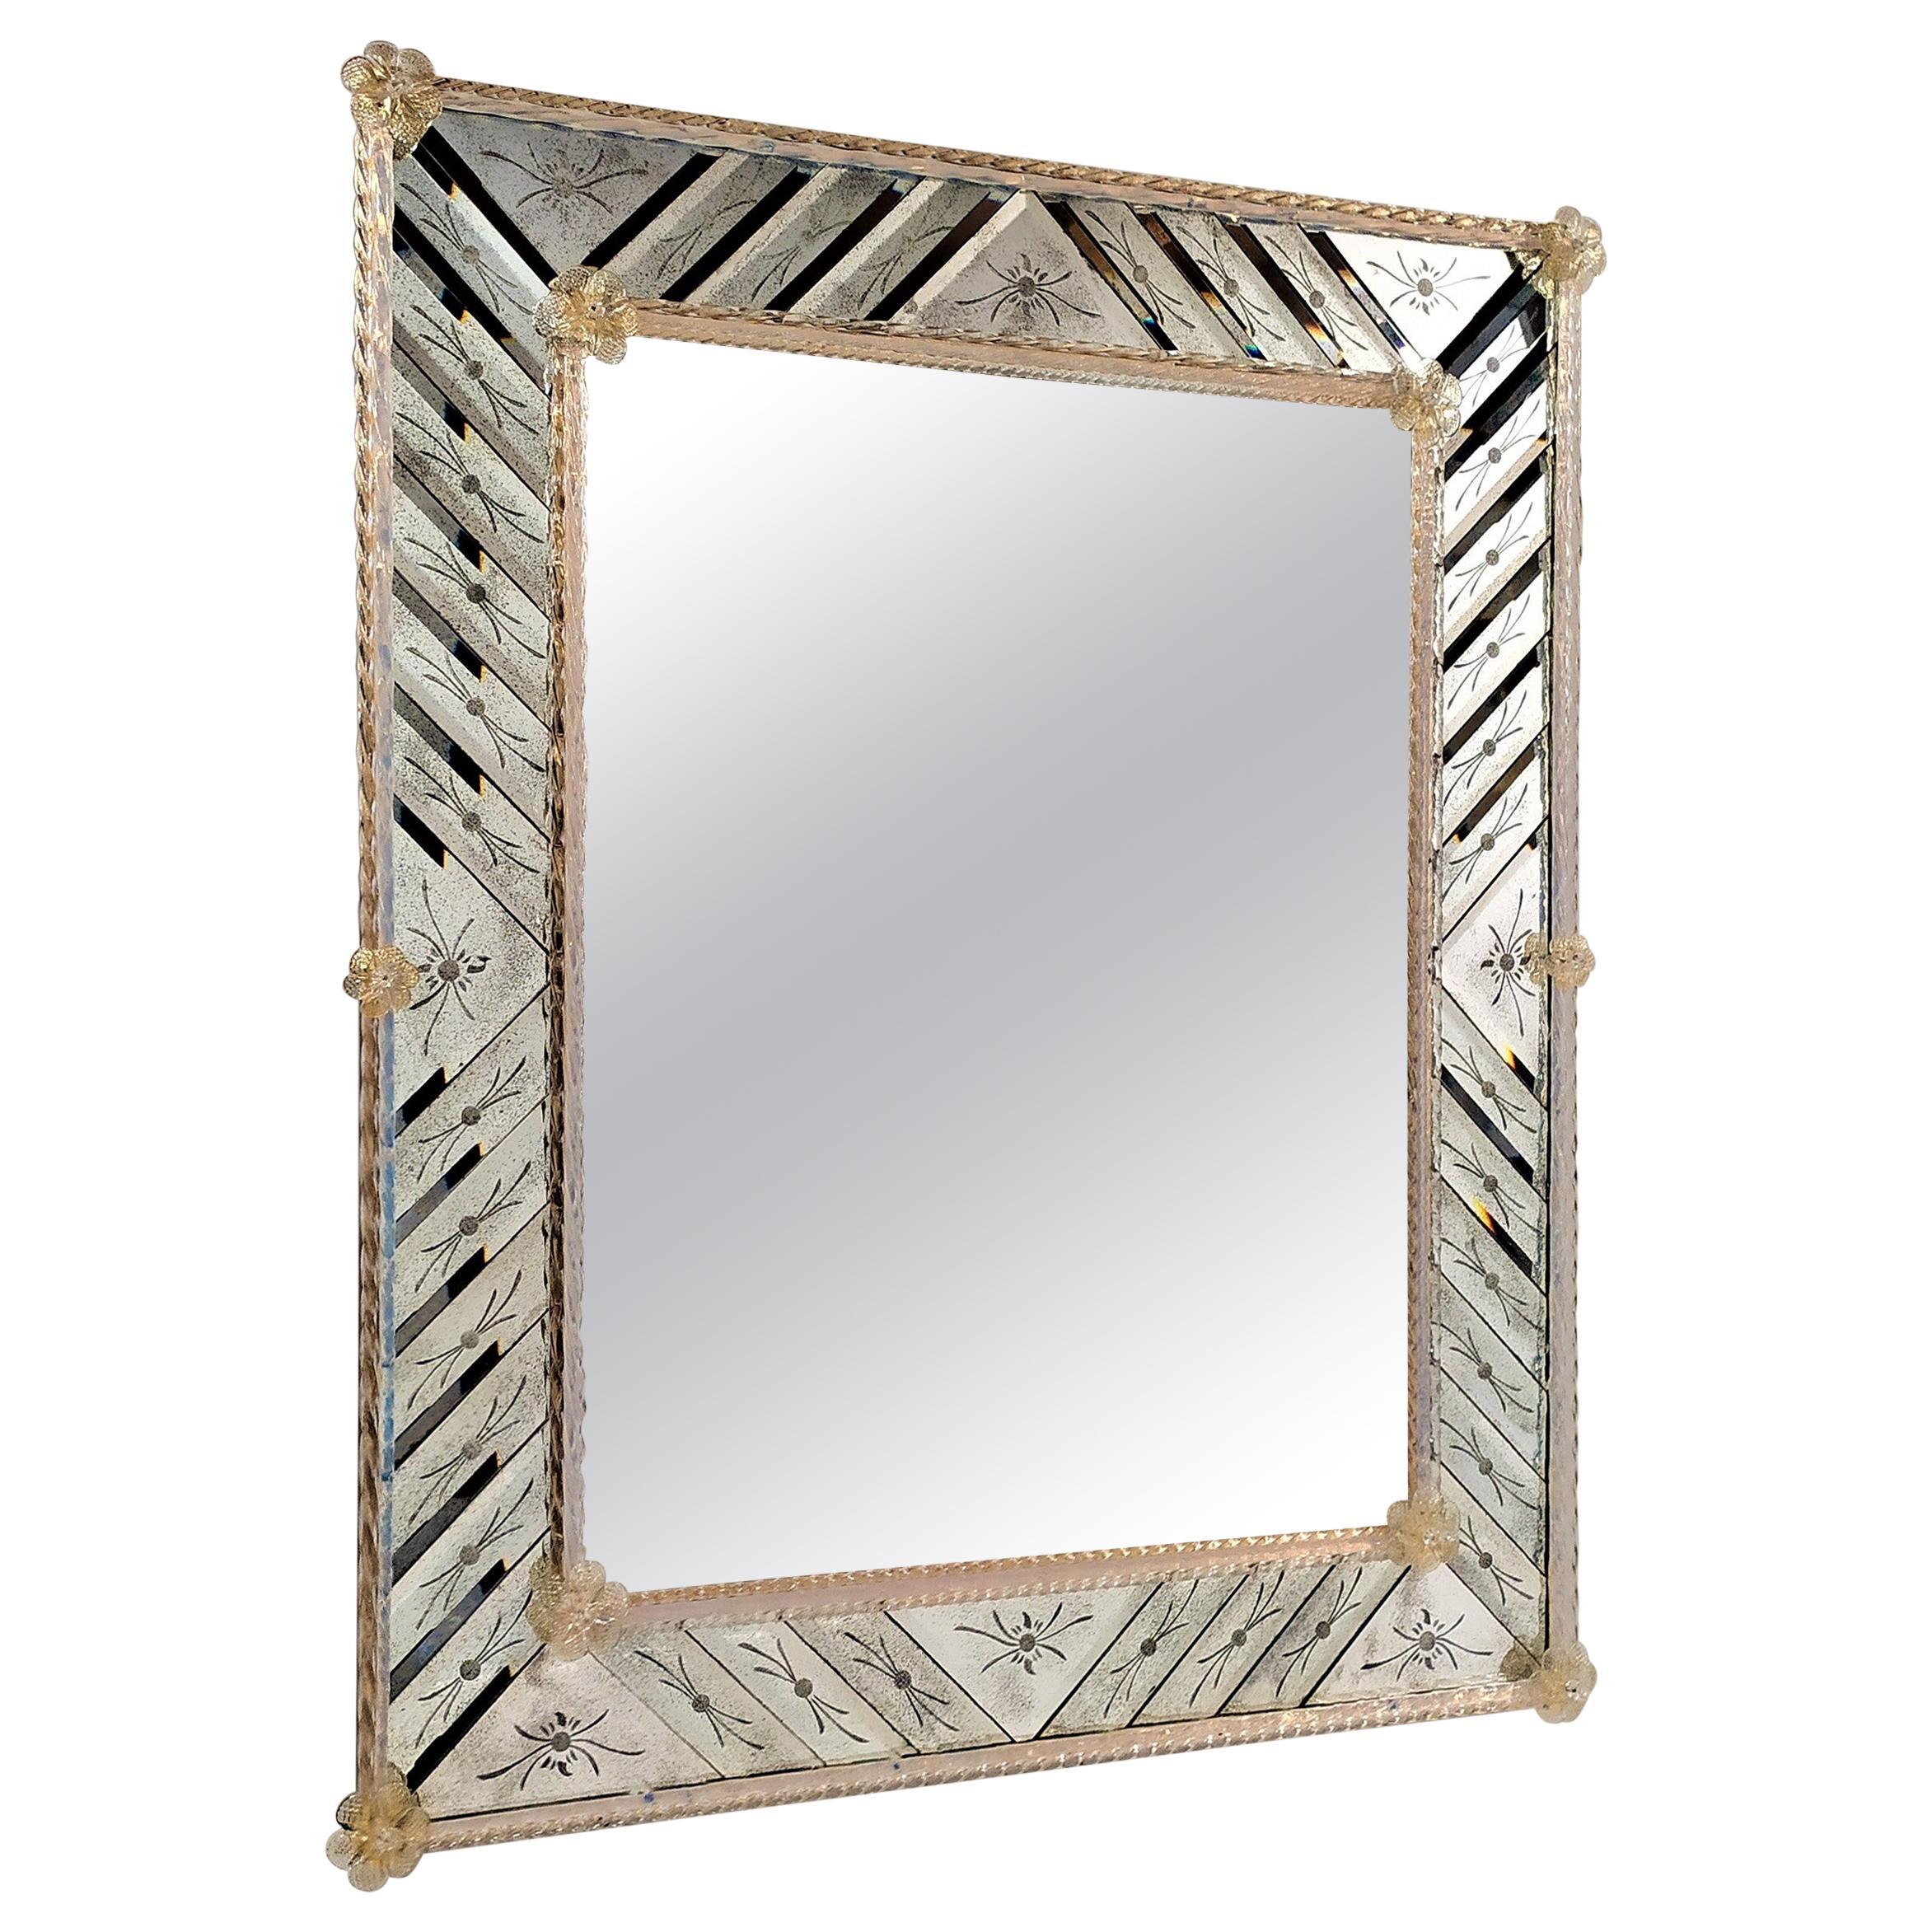 Murano Glass Mirror Rectangular, in Venetian Style by Fratelli Tosi